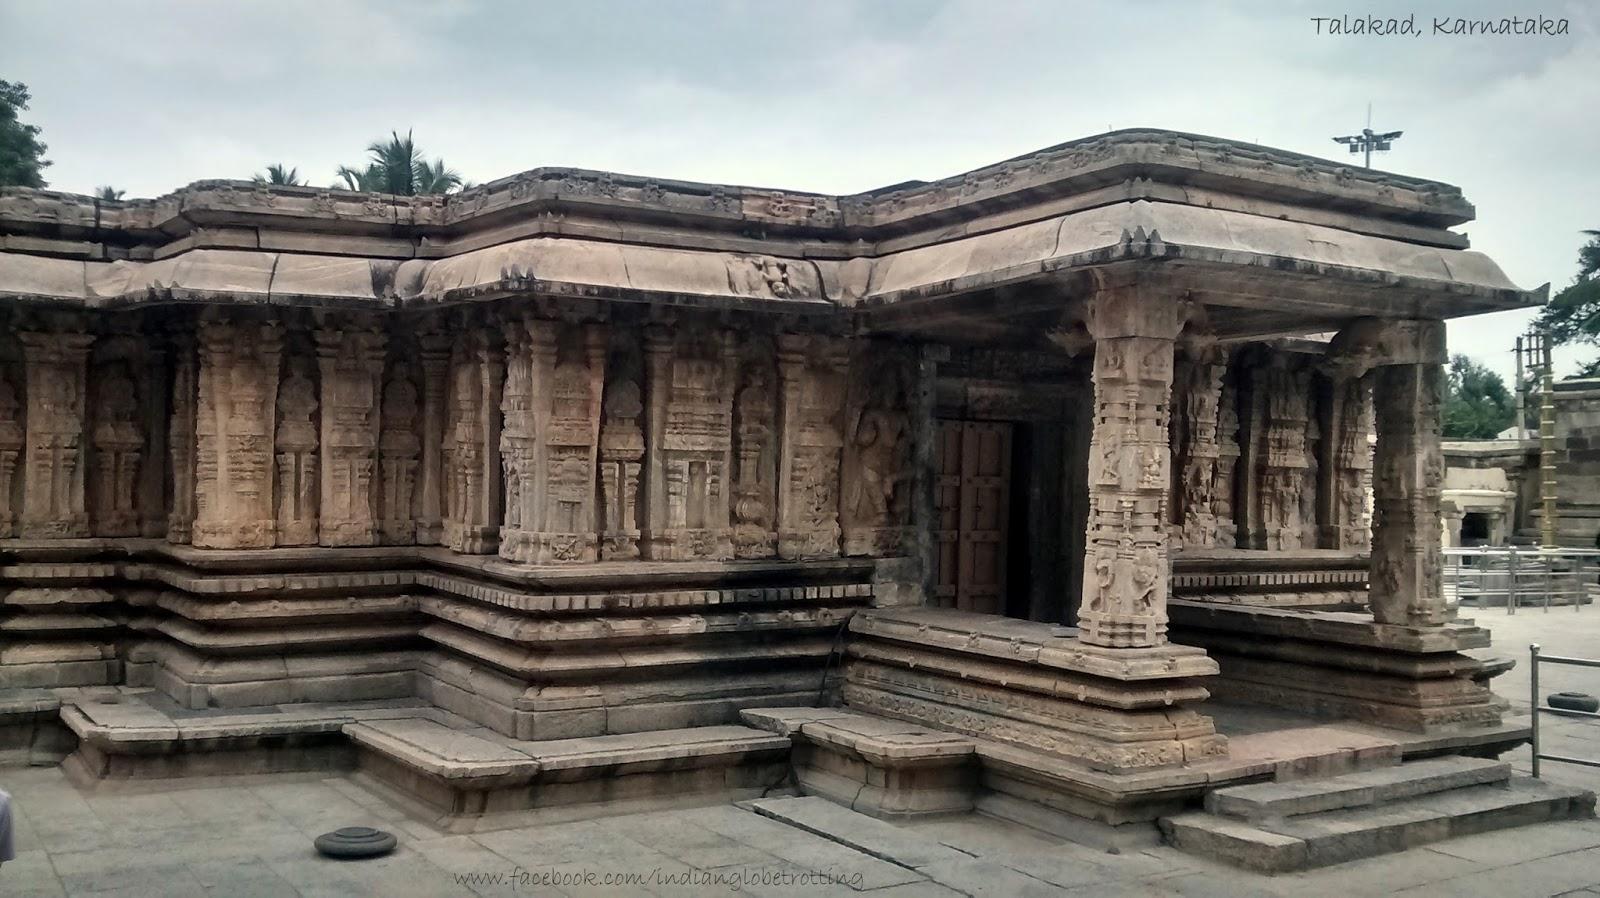 Vaidyanatheshwara Temple in talakad